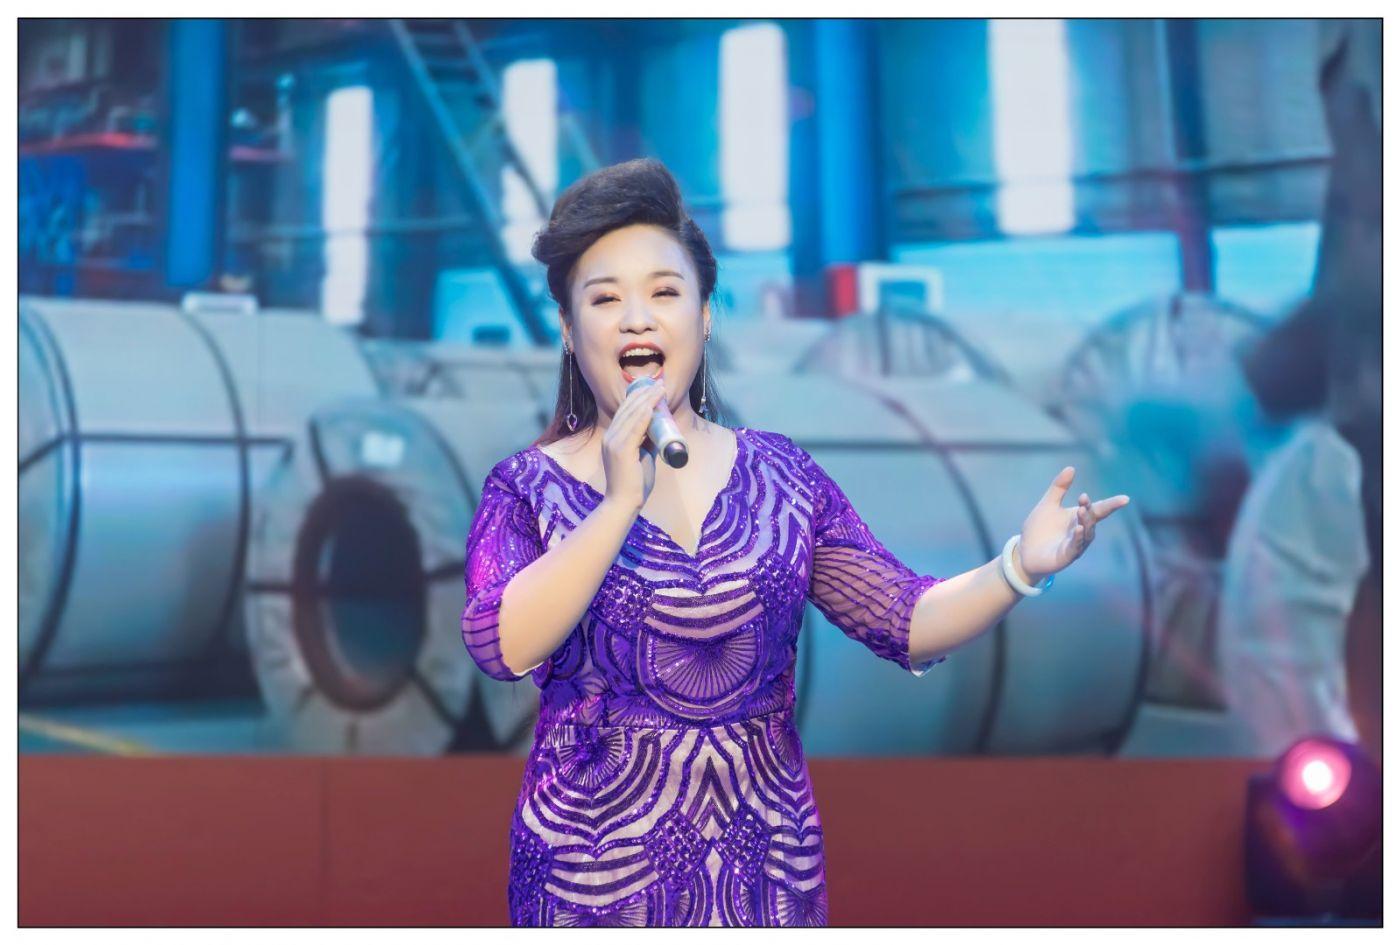 临沂姑娘杨妮妮曾感动春晚总动员 今晚在临沂电视台大放异彩 ..._图1-22